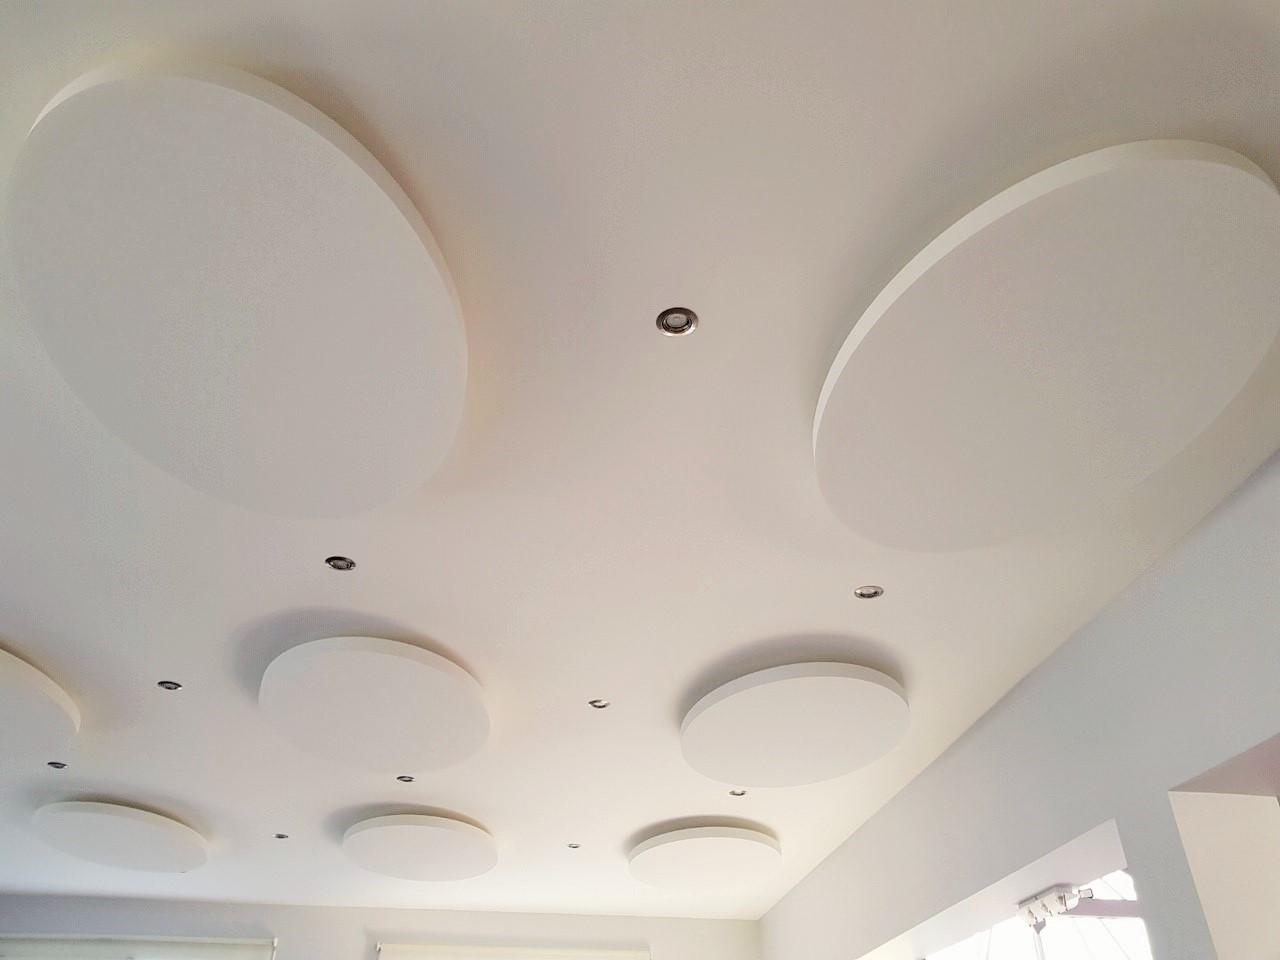 Capteurs & ilots acoustiques - Capteurs & ilots Capteur Acoustic Panel 2V posé au plafond par suspension en forme d'ovale